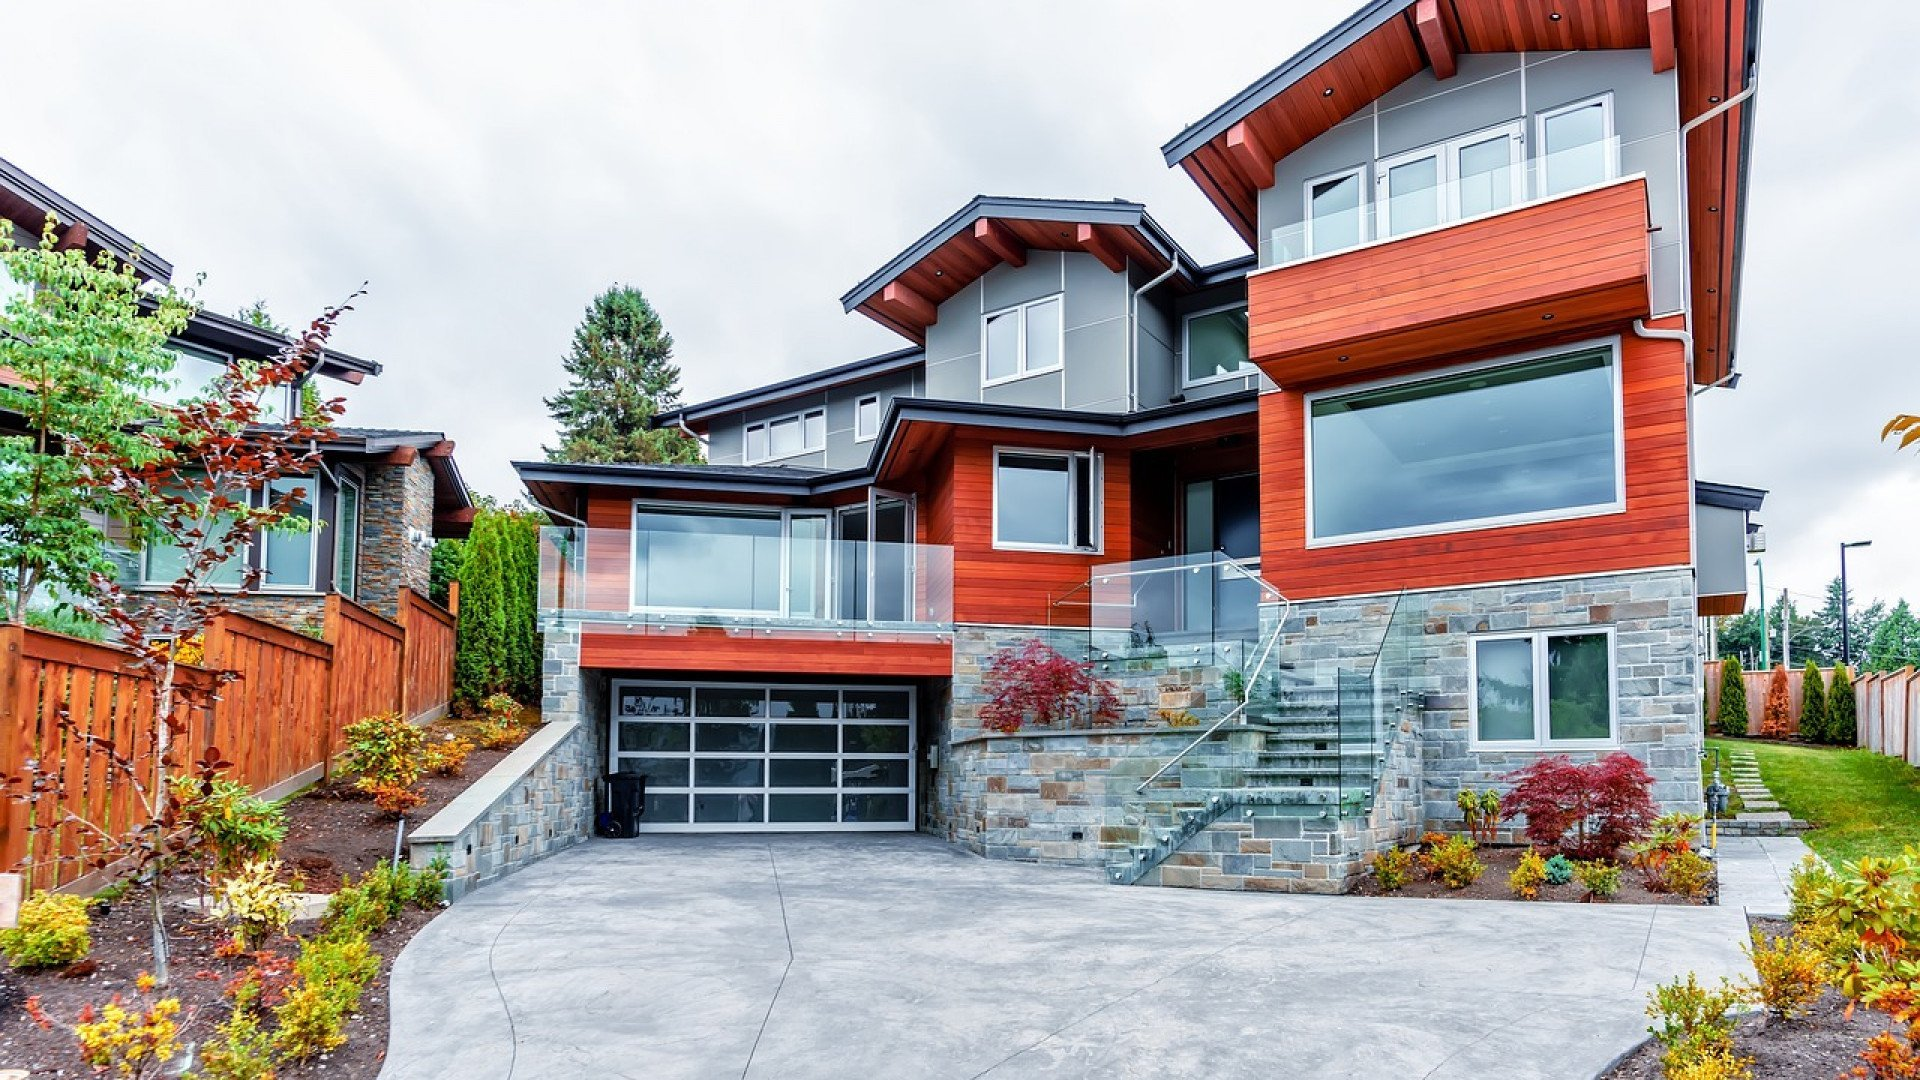 Le permis de construire est-il nécessaire pour une extension ?